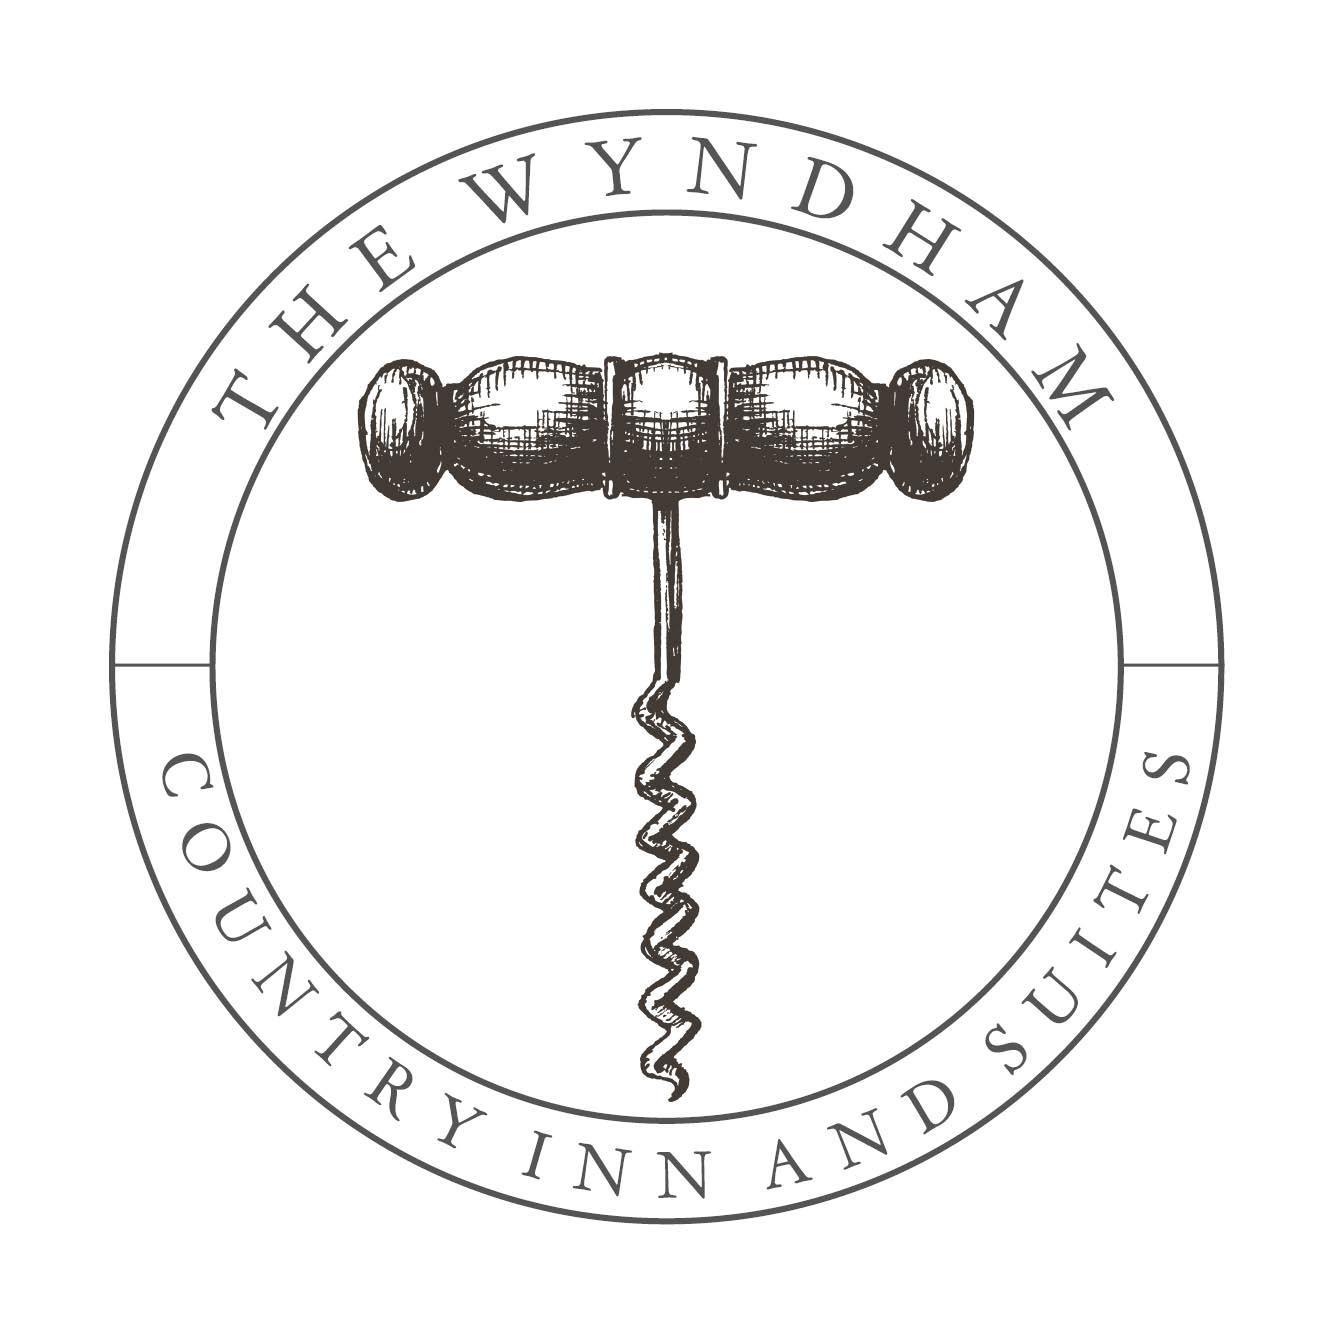 Logo of The Wyndham